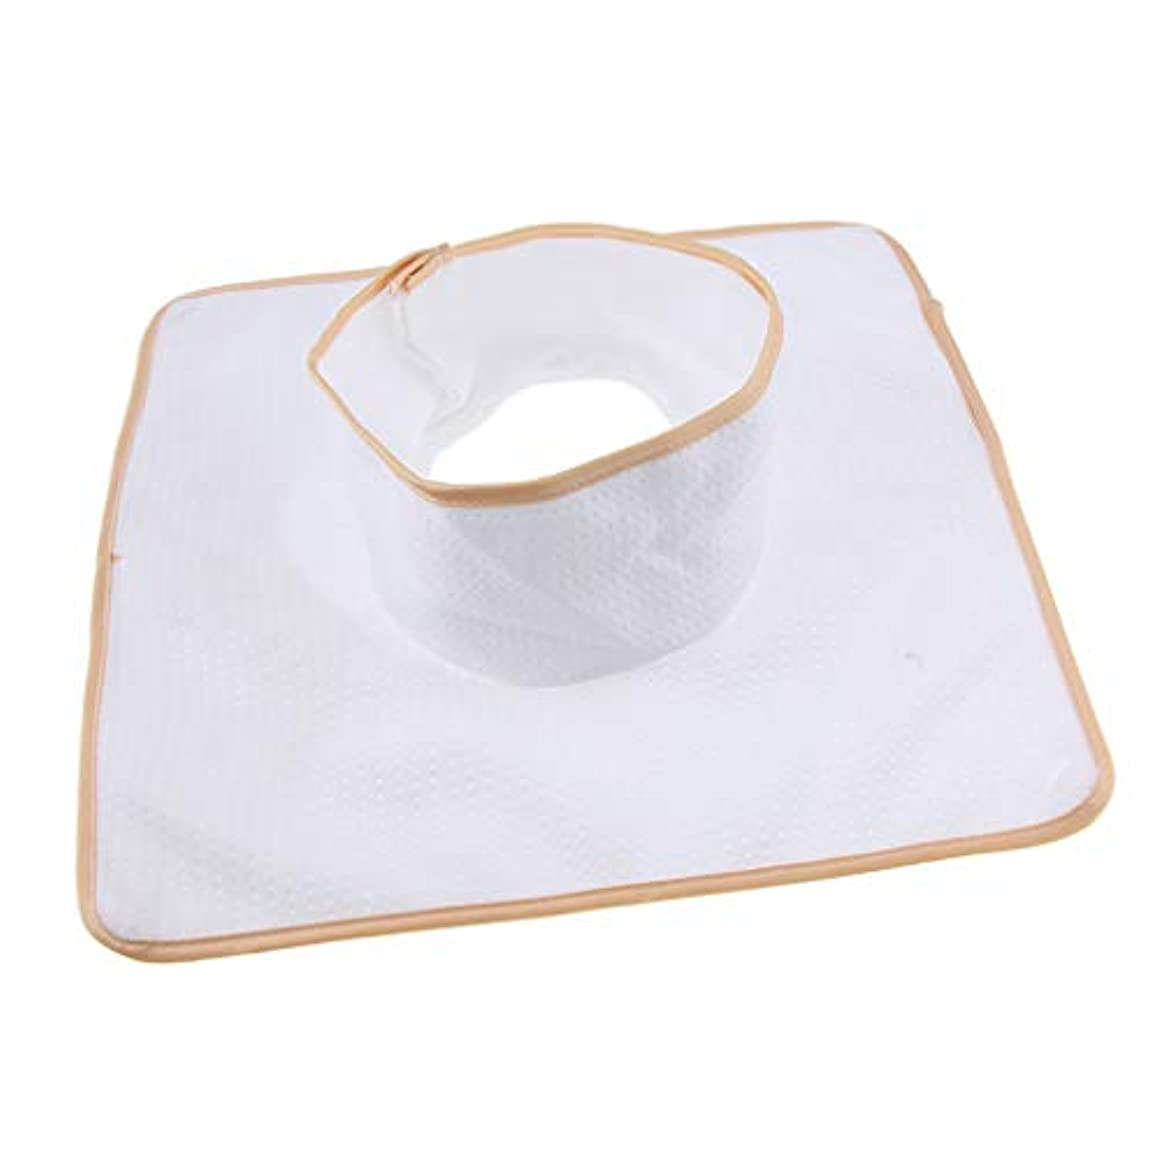 開発半導体恐れD DOLITY マッサージ ベッド テーブル ヘッドパッド 頭の穴付 再使用可能 約35×35cm 全3色 - 白